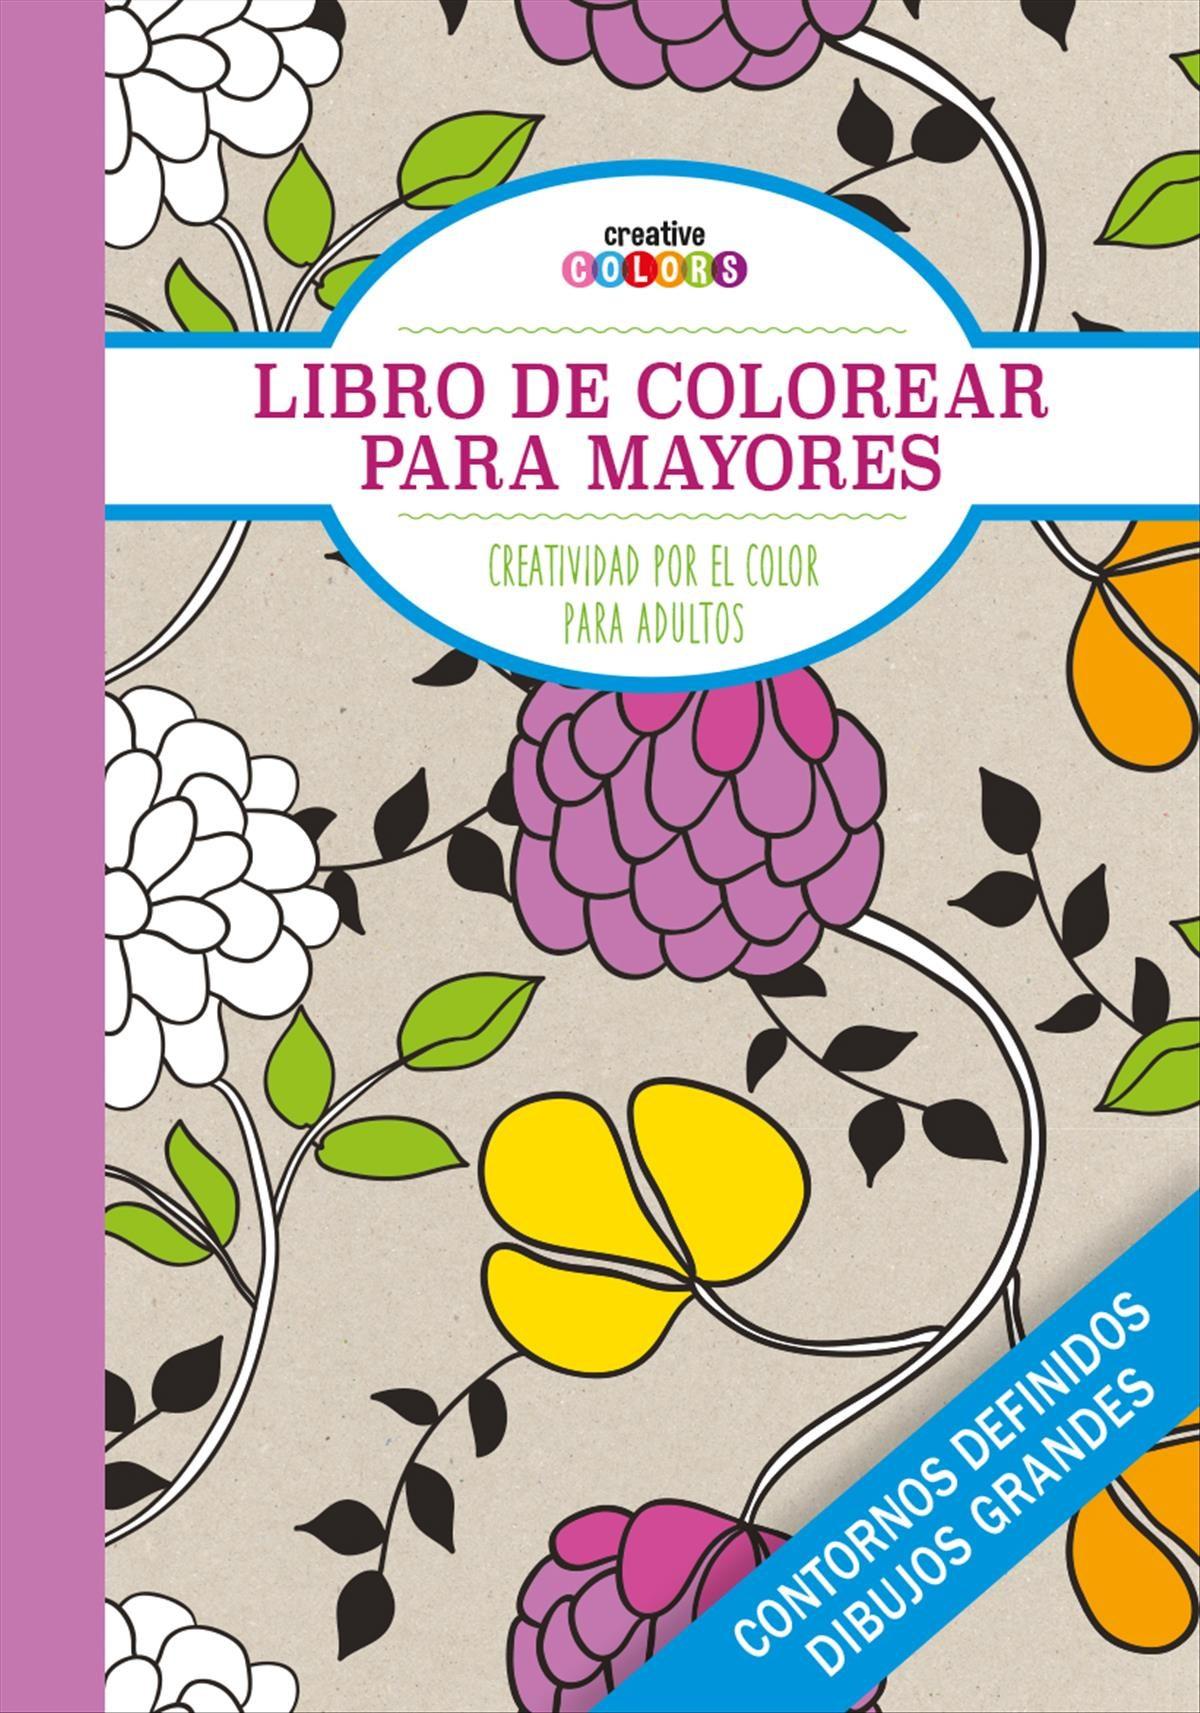 LIBRO DE COLOREAR PARA MAYORES ¡TODO EL MUNDO PUEDE PINTAR